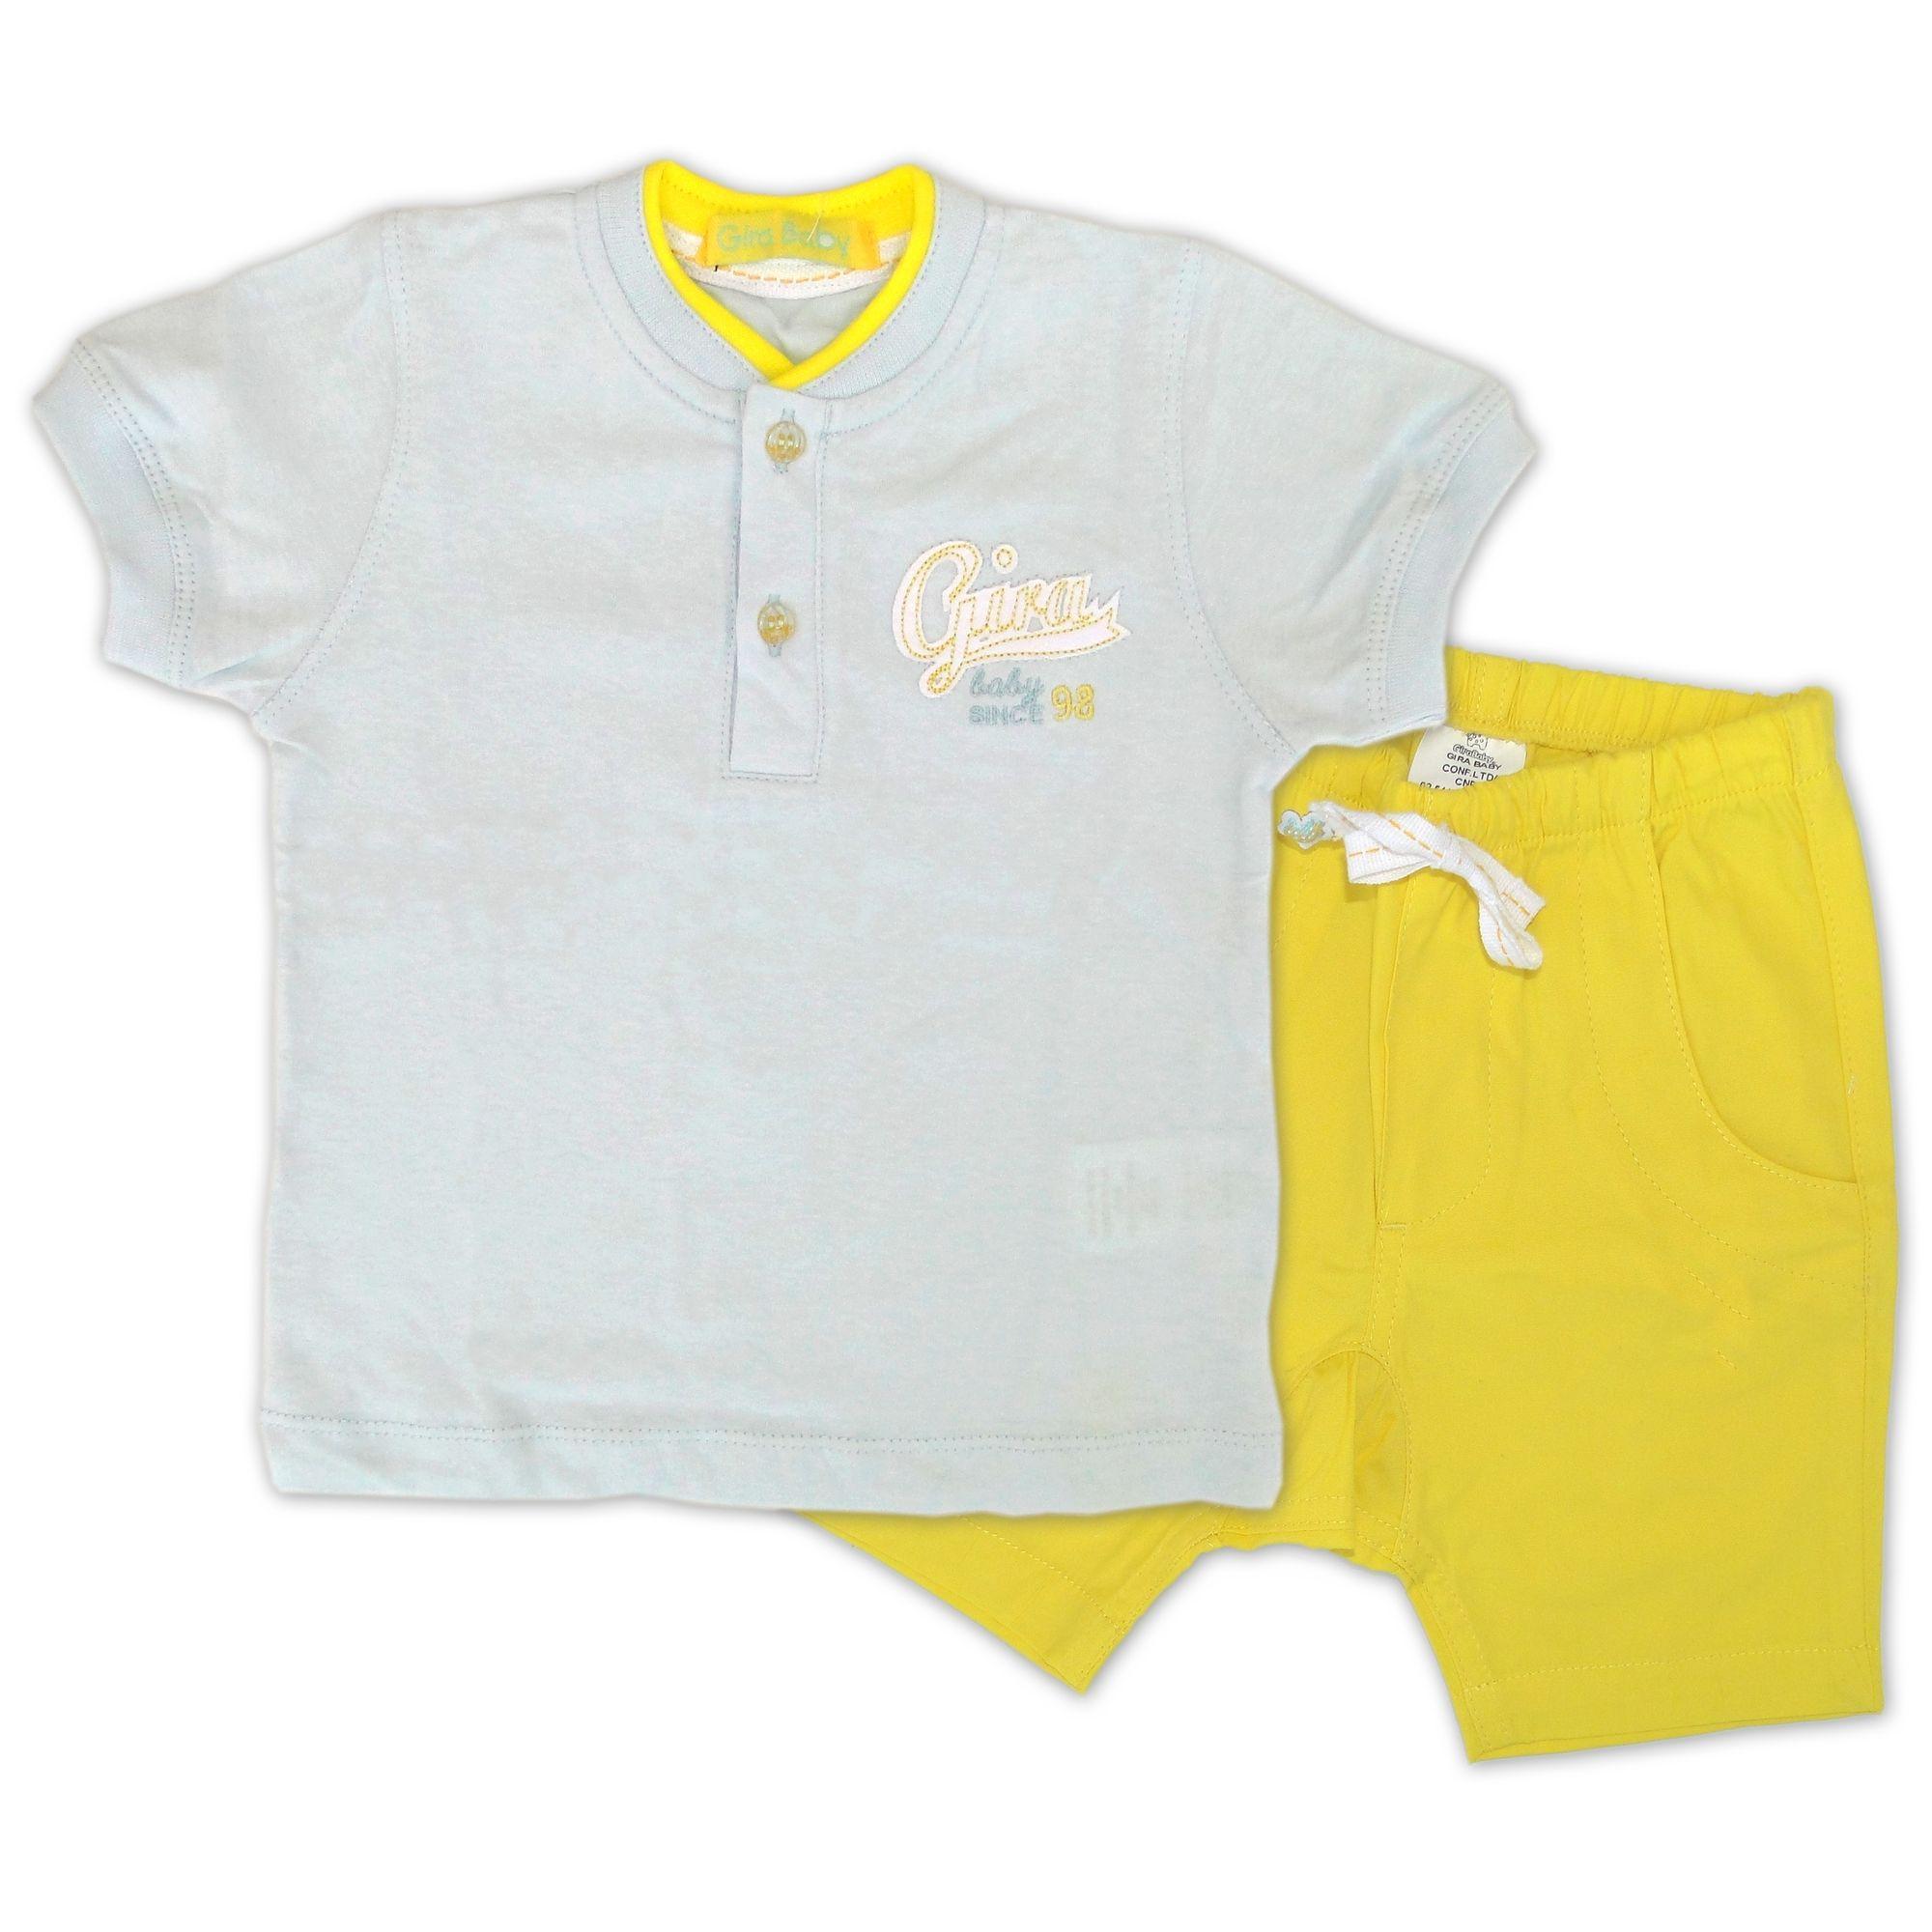 conj.-bermuda-amarela-1